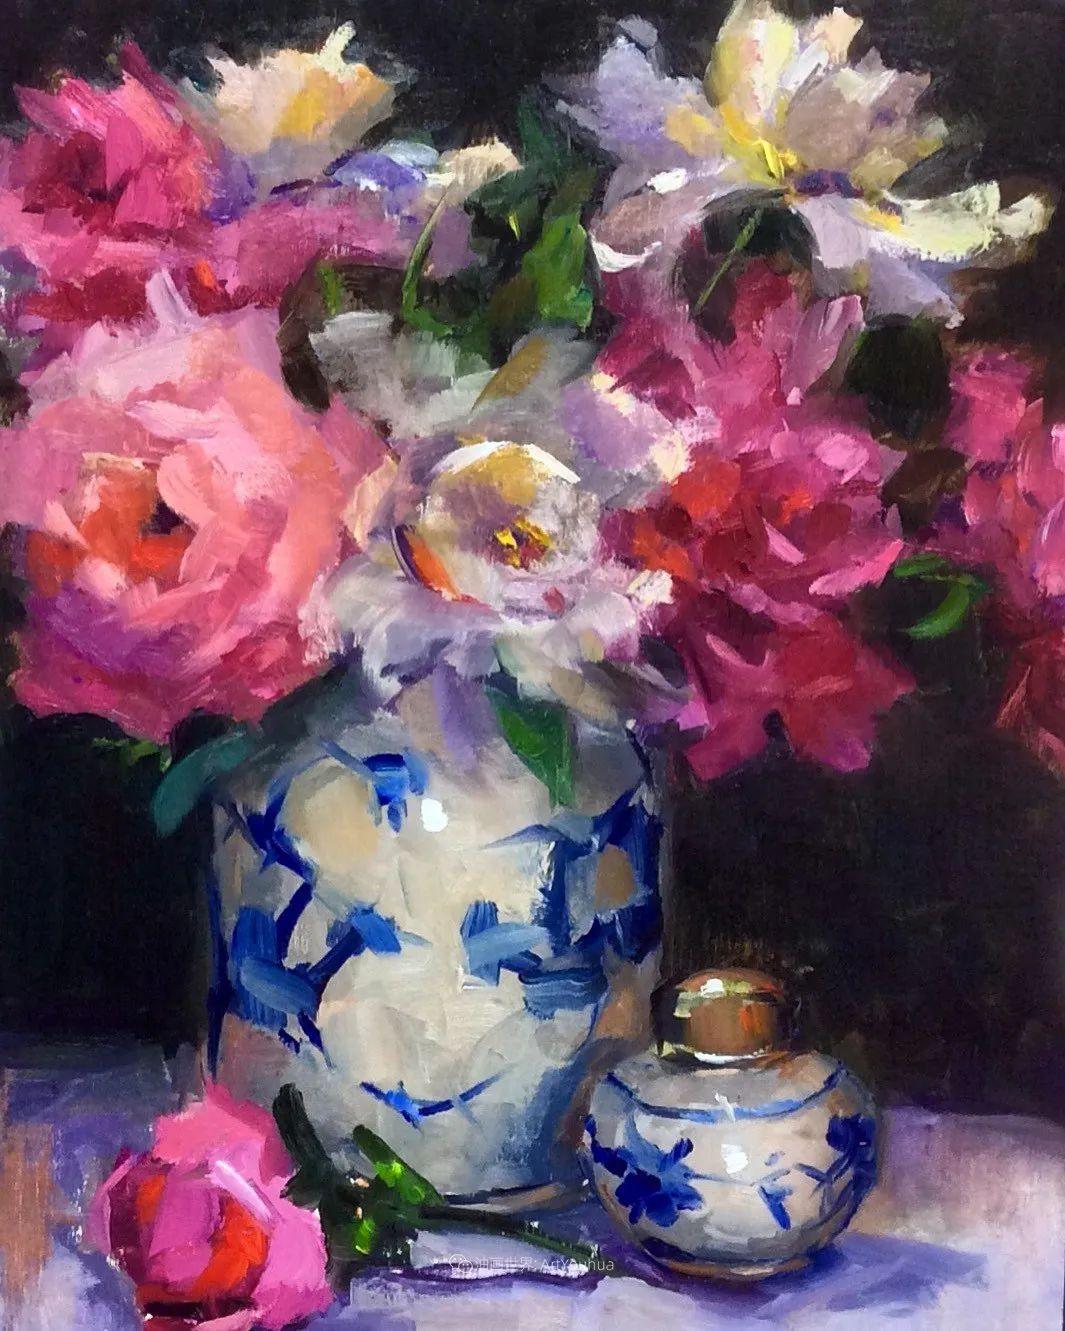 大笔触、充满活力色彩的花卉,美国女画家劳里·莱普科斯卡插图19